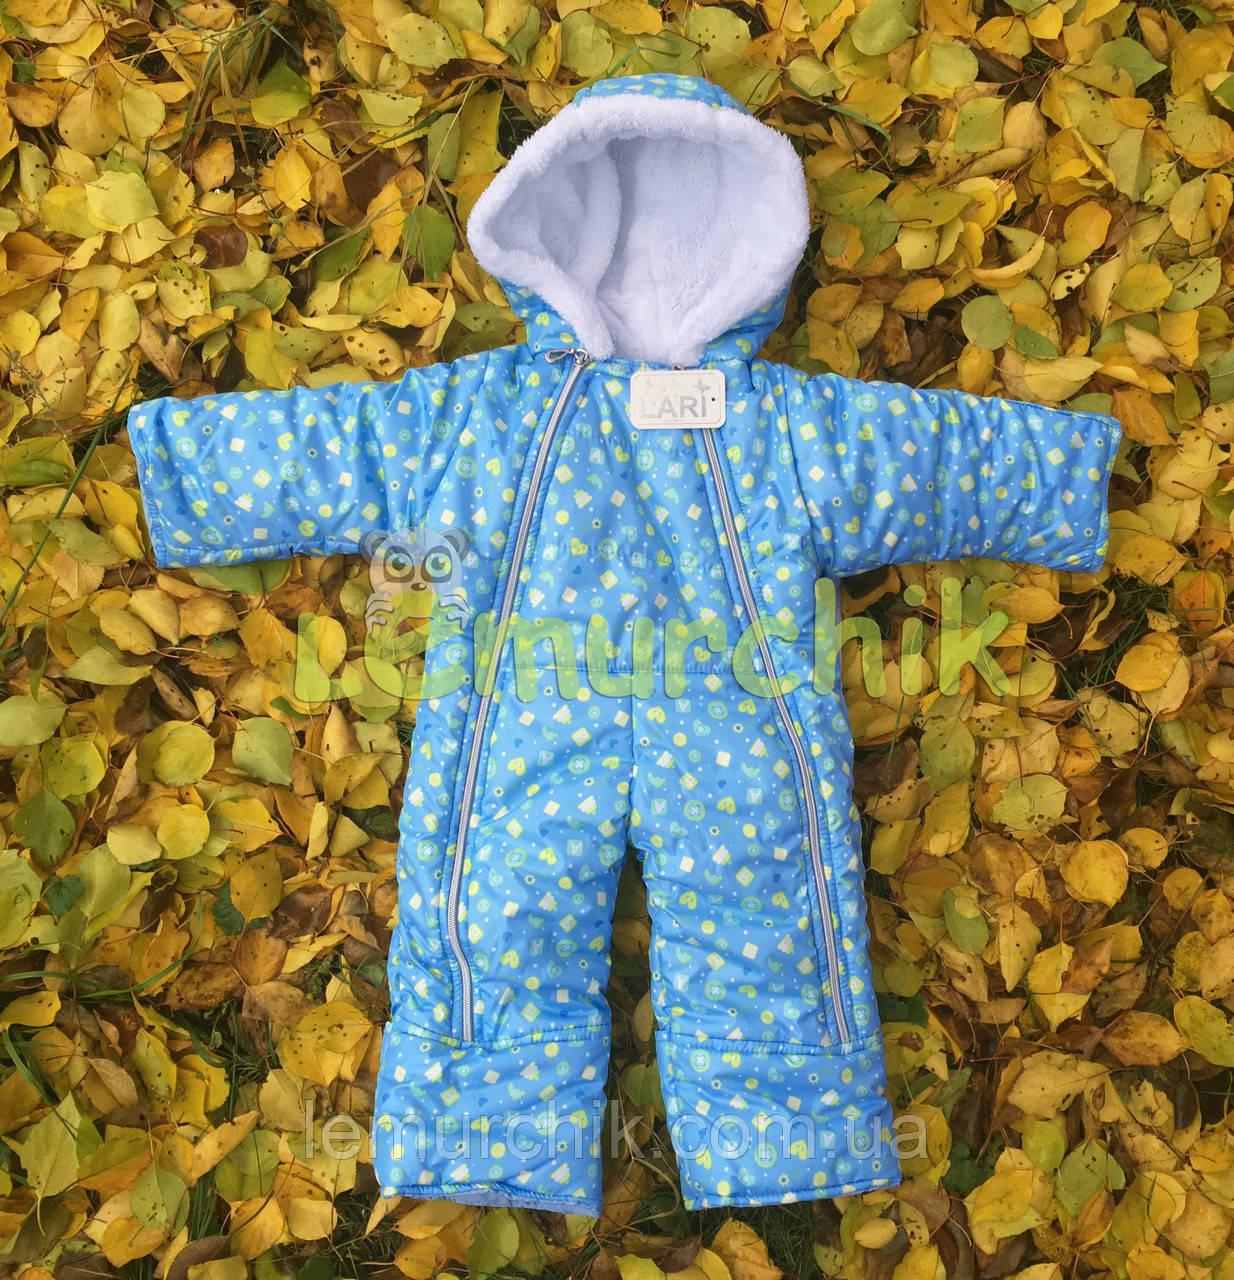 Комбинезон детский на синтепоне с закрывающимися рукавами и штанинами, 68-74 р-р., (на махре), голубой